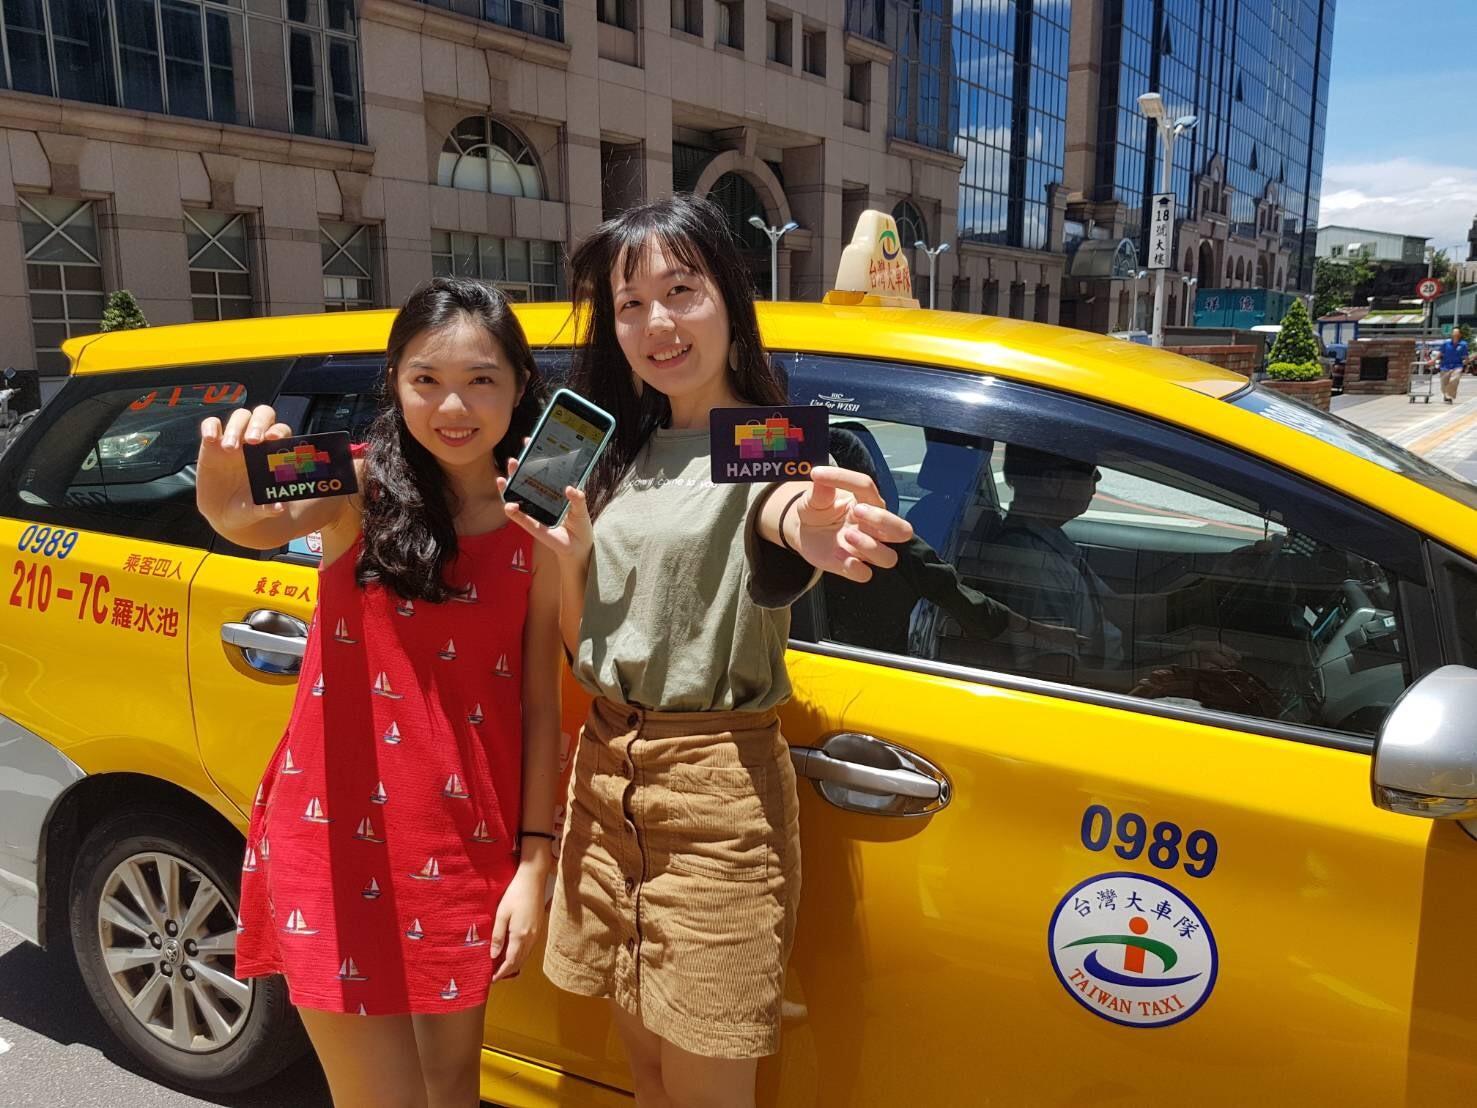 HAPPY GO強勢加盟台灣大車隊 乘車折扣最低7.1折起